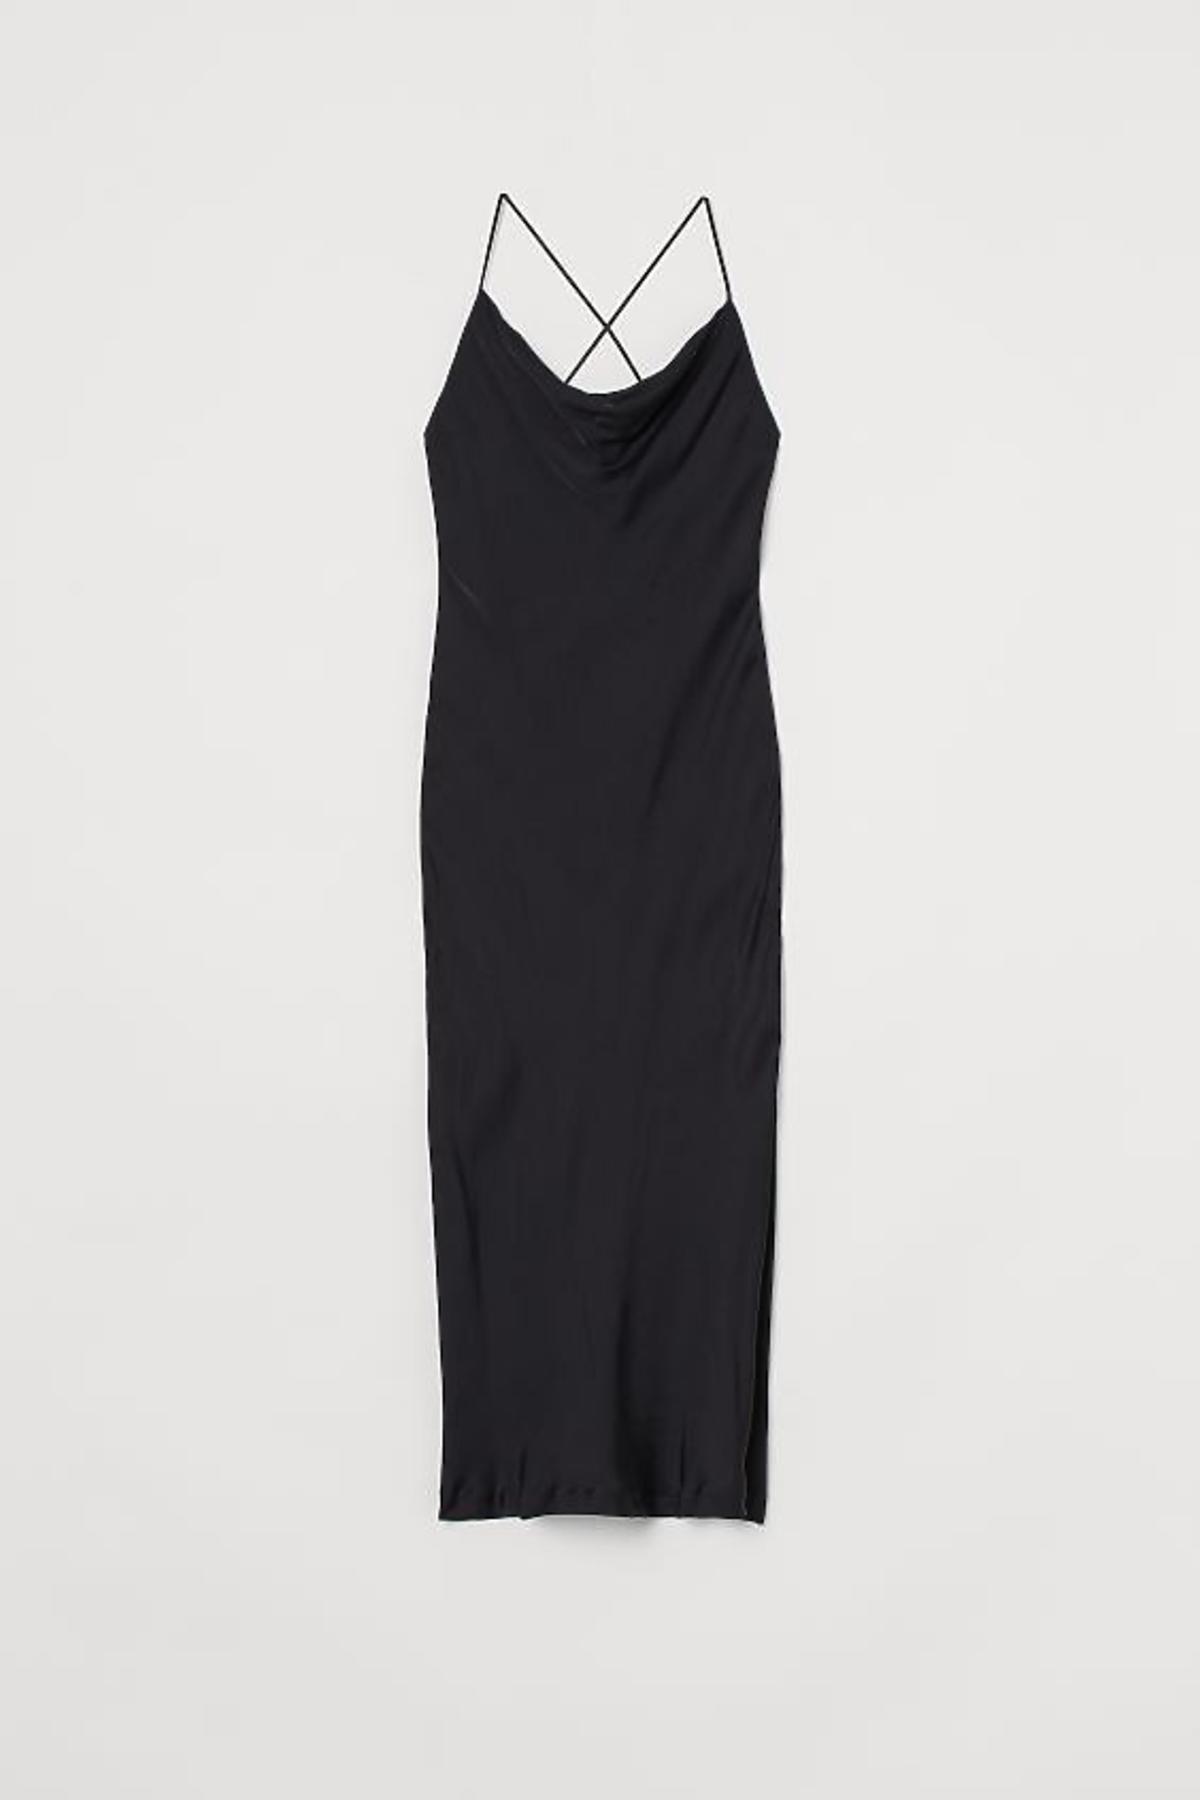 satynowa sukienka H&M - mała czarna